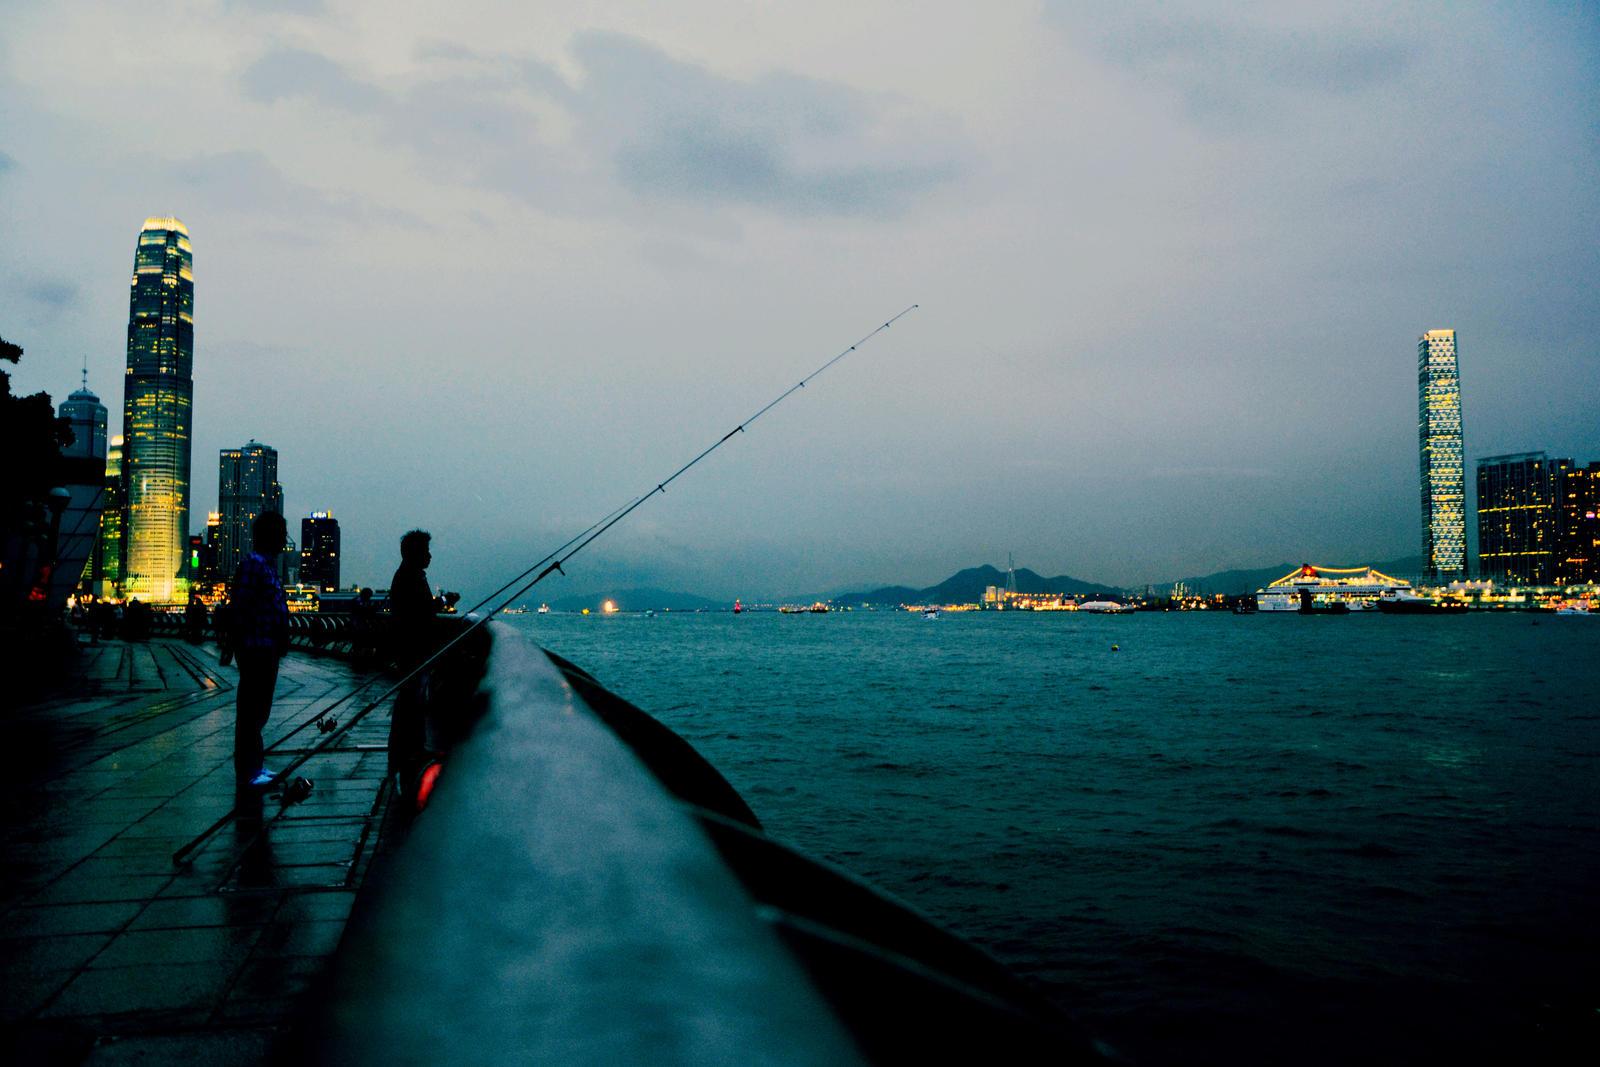 HK26 by duduzhenleer